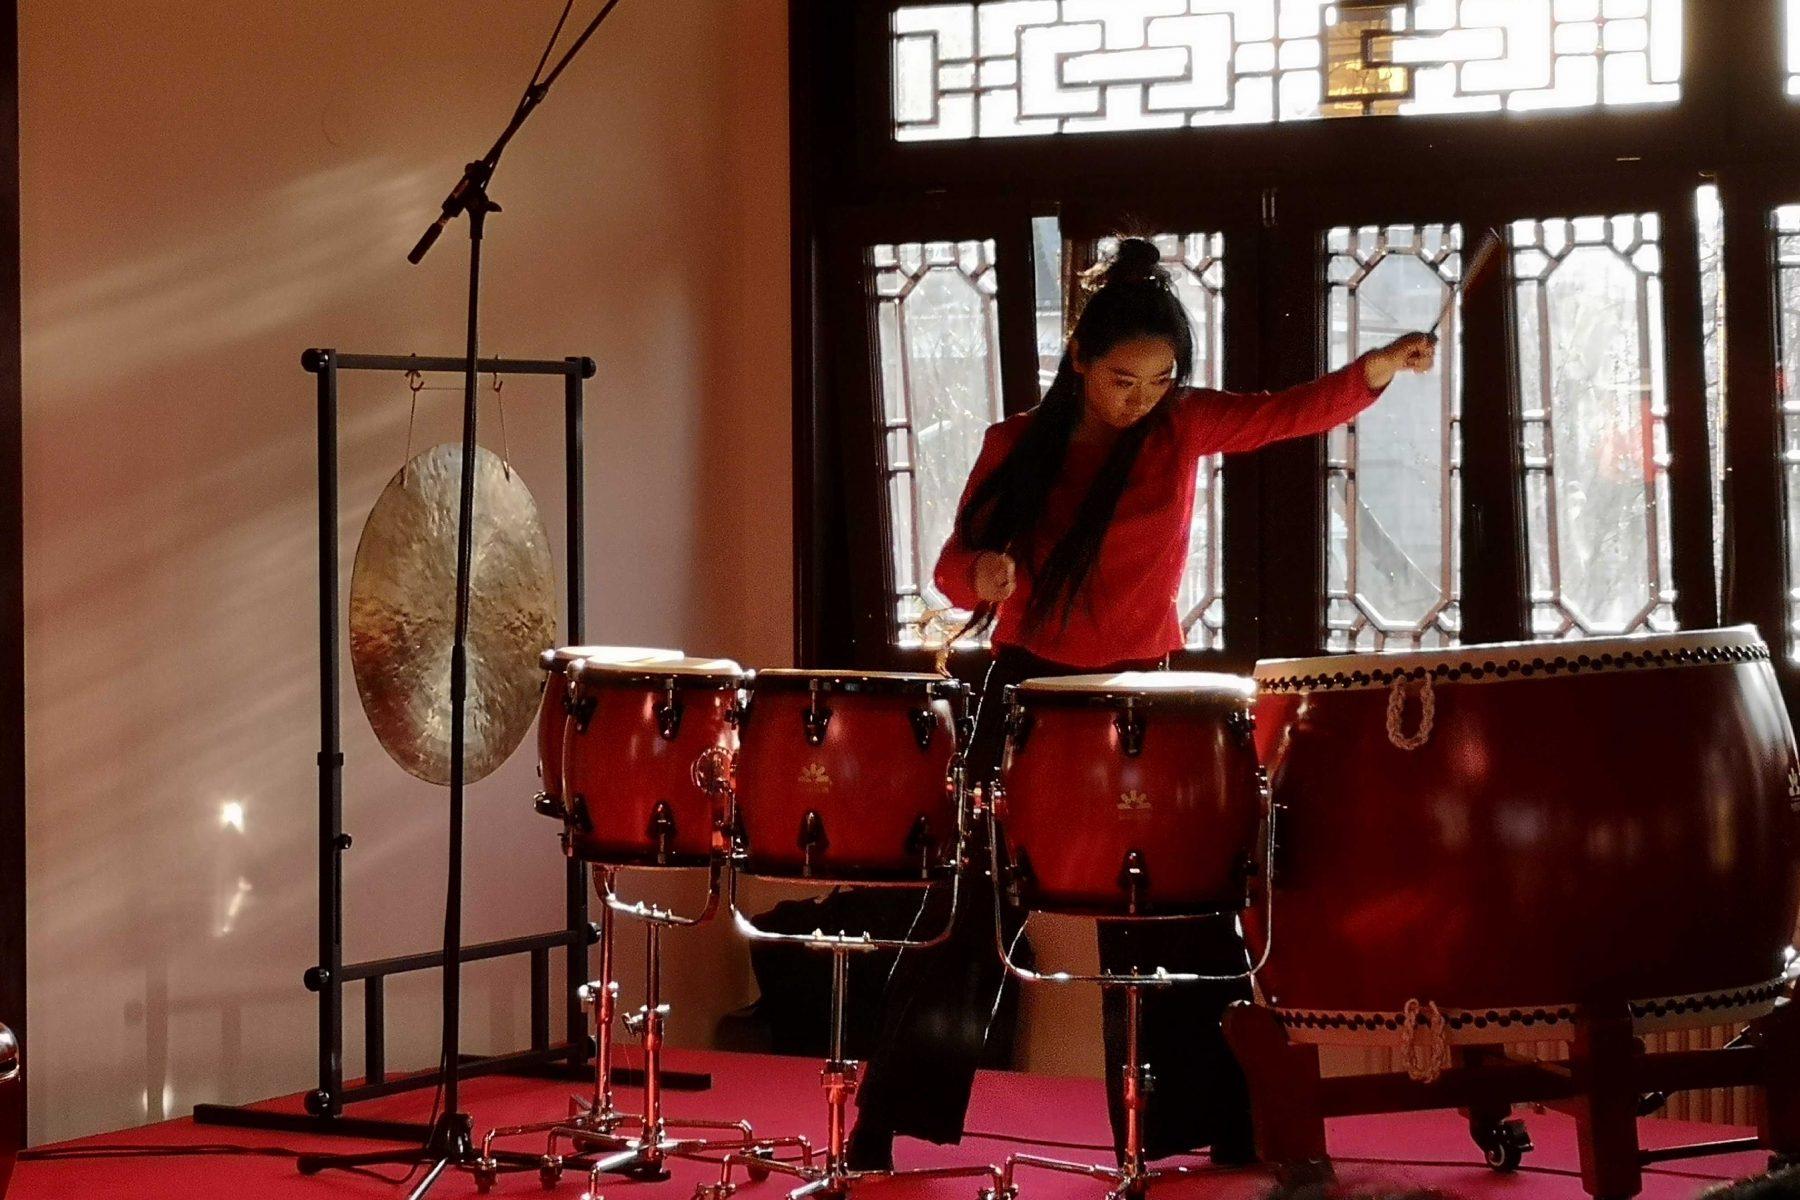 Die preisgekrönte Percussionistin Chen Lin an den chinesischen Trommeln. Foto: Sophia Kleiner